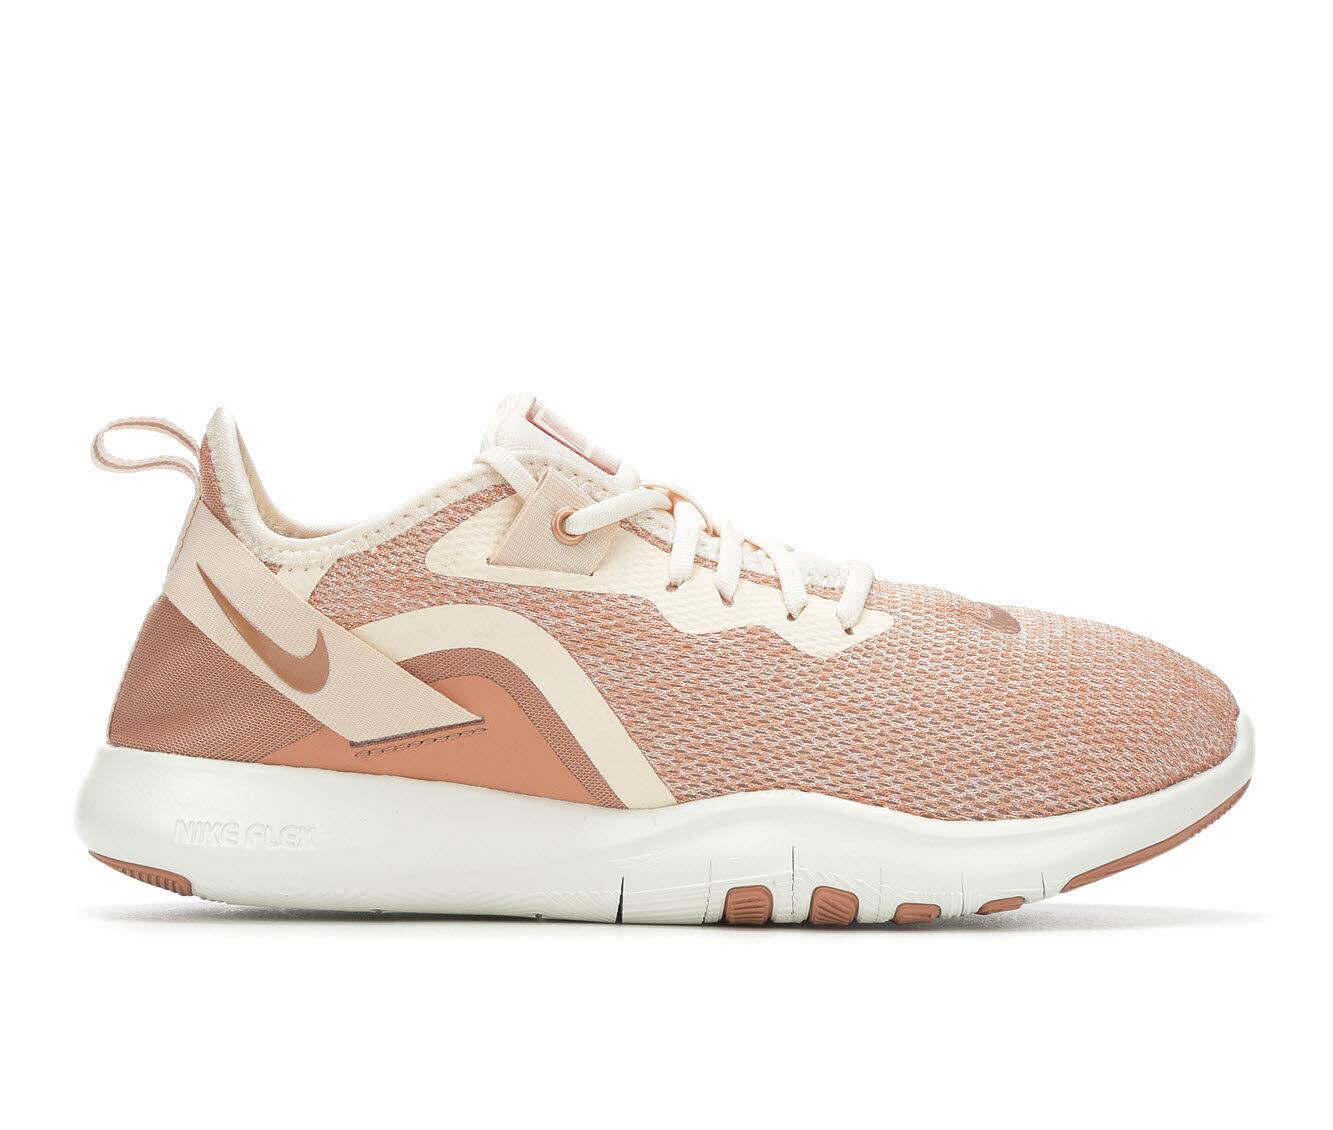 Women's Nike Flex Trainer 9 Prem Training Shoes Guava/Rd Bronze